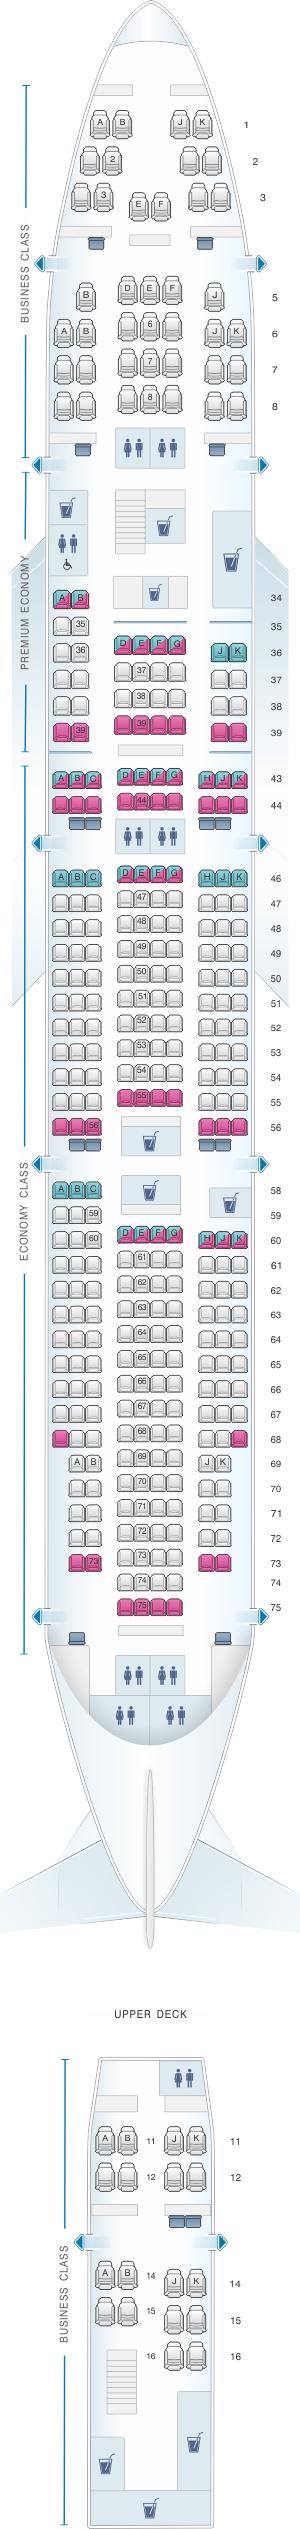 Seat map for Qantas Airways Boeing B747 400ER